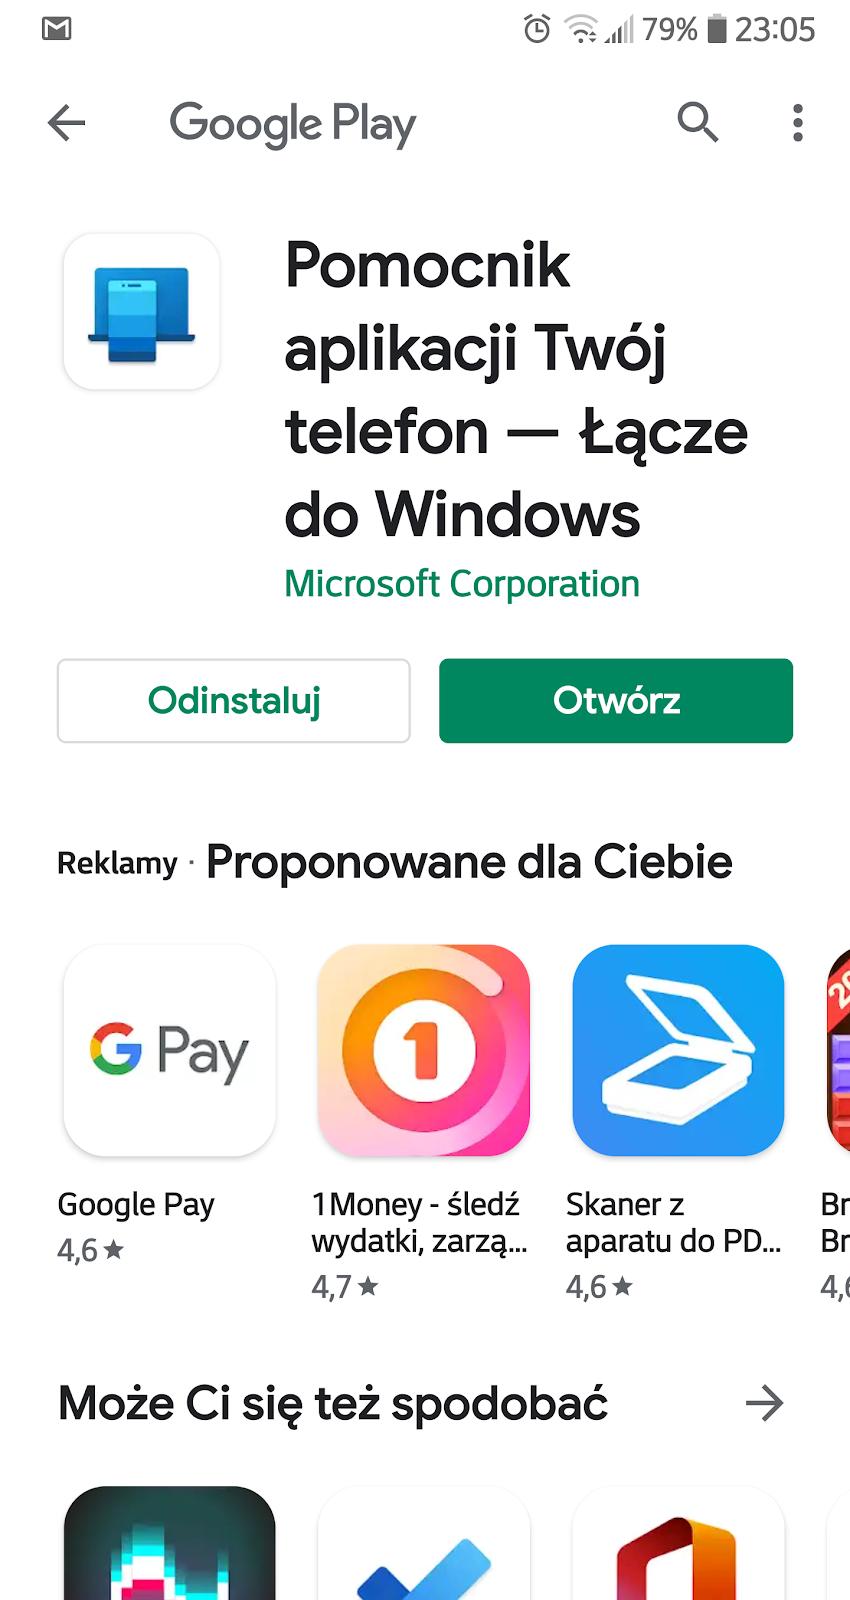 pomocnik aplikacji Twój telefon Windows